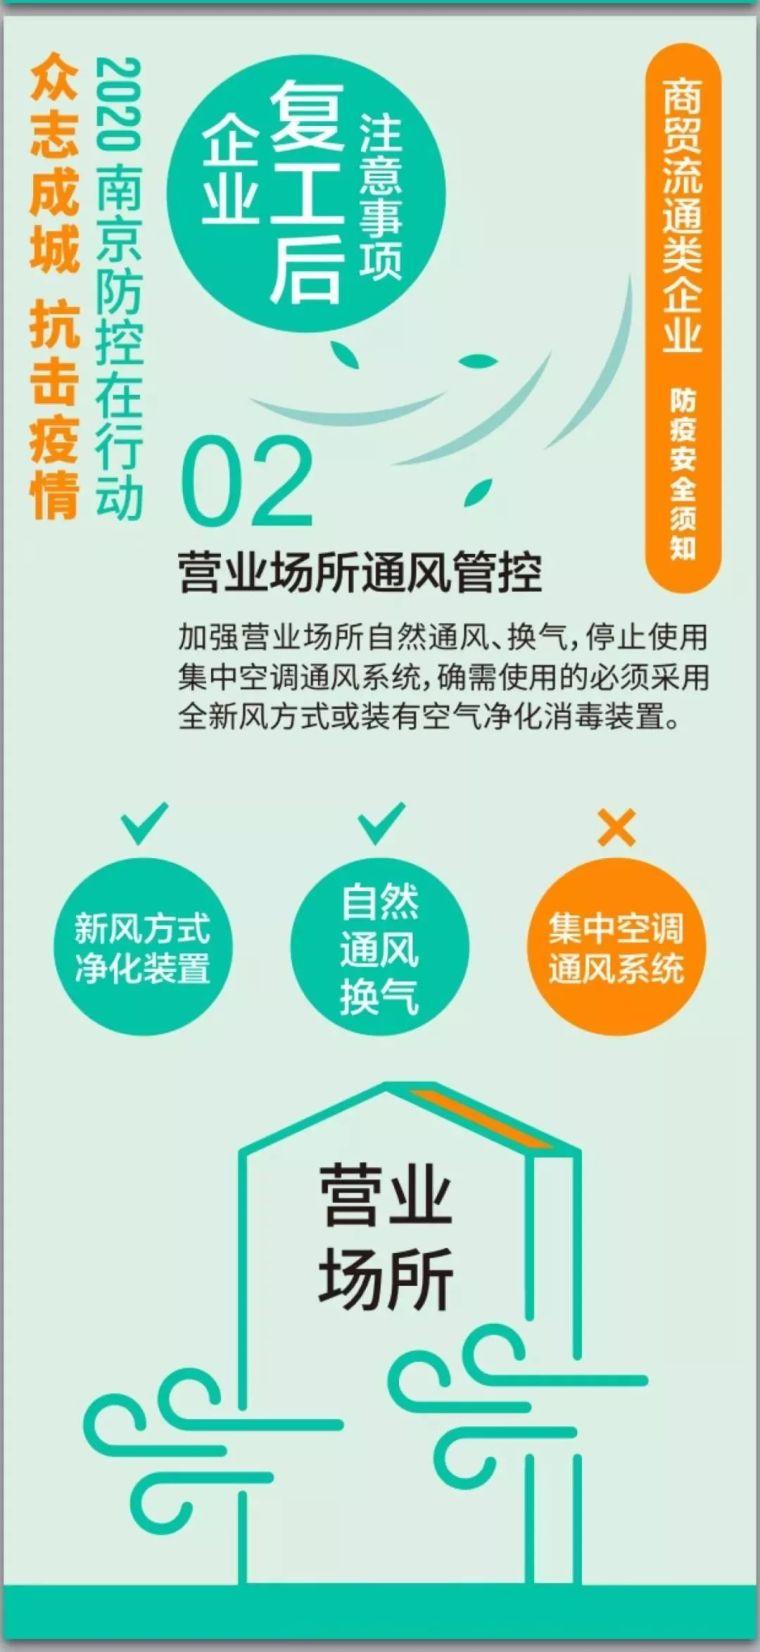 企业复工,防疫安全须知(图解)_15